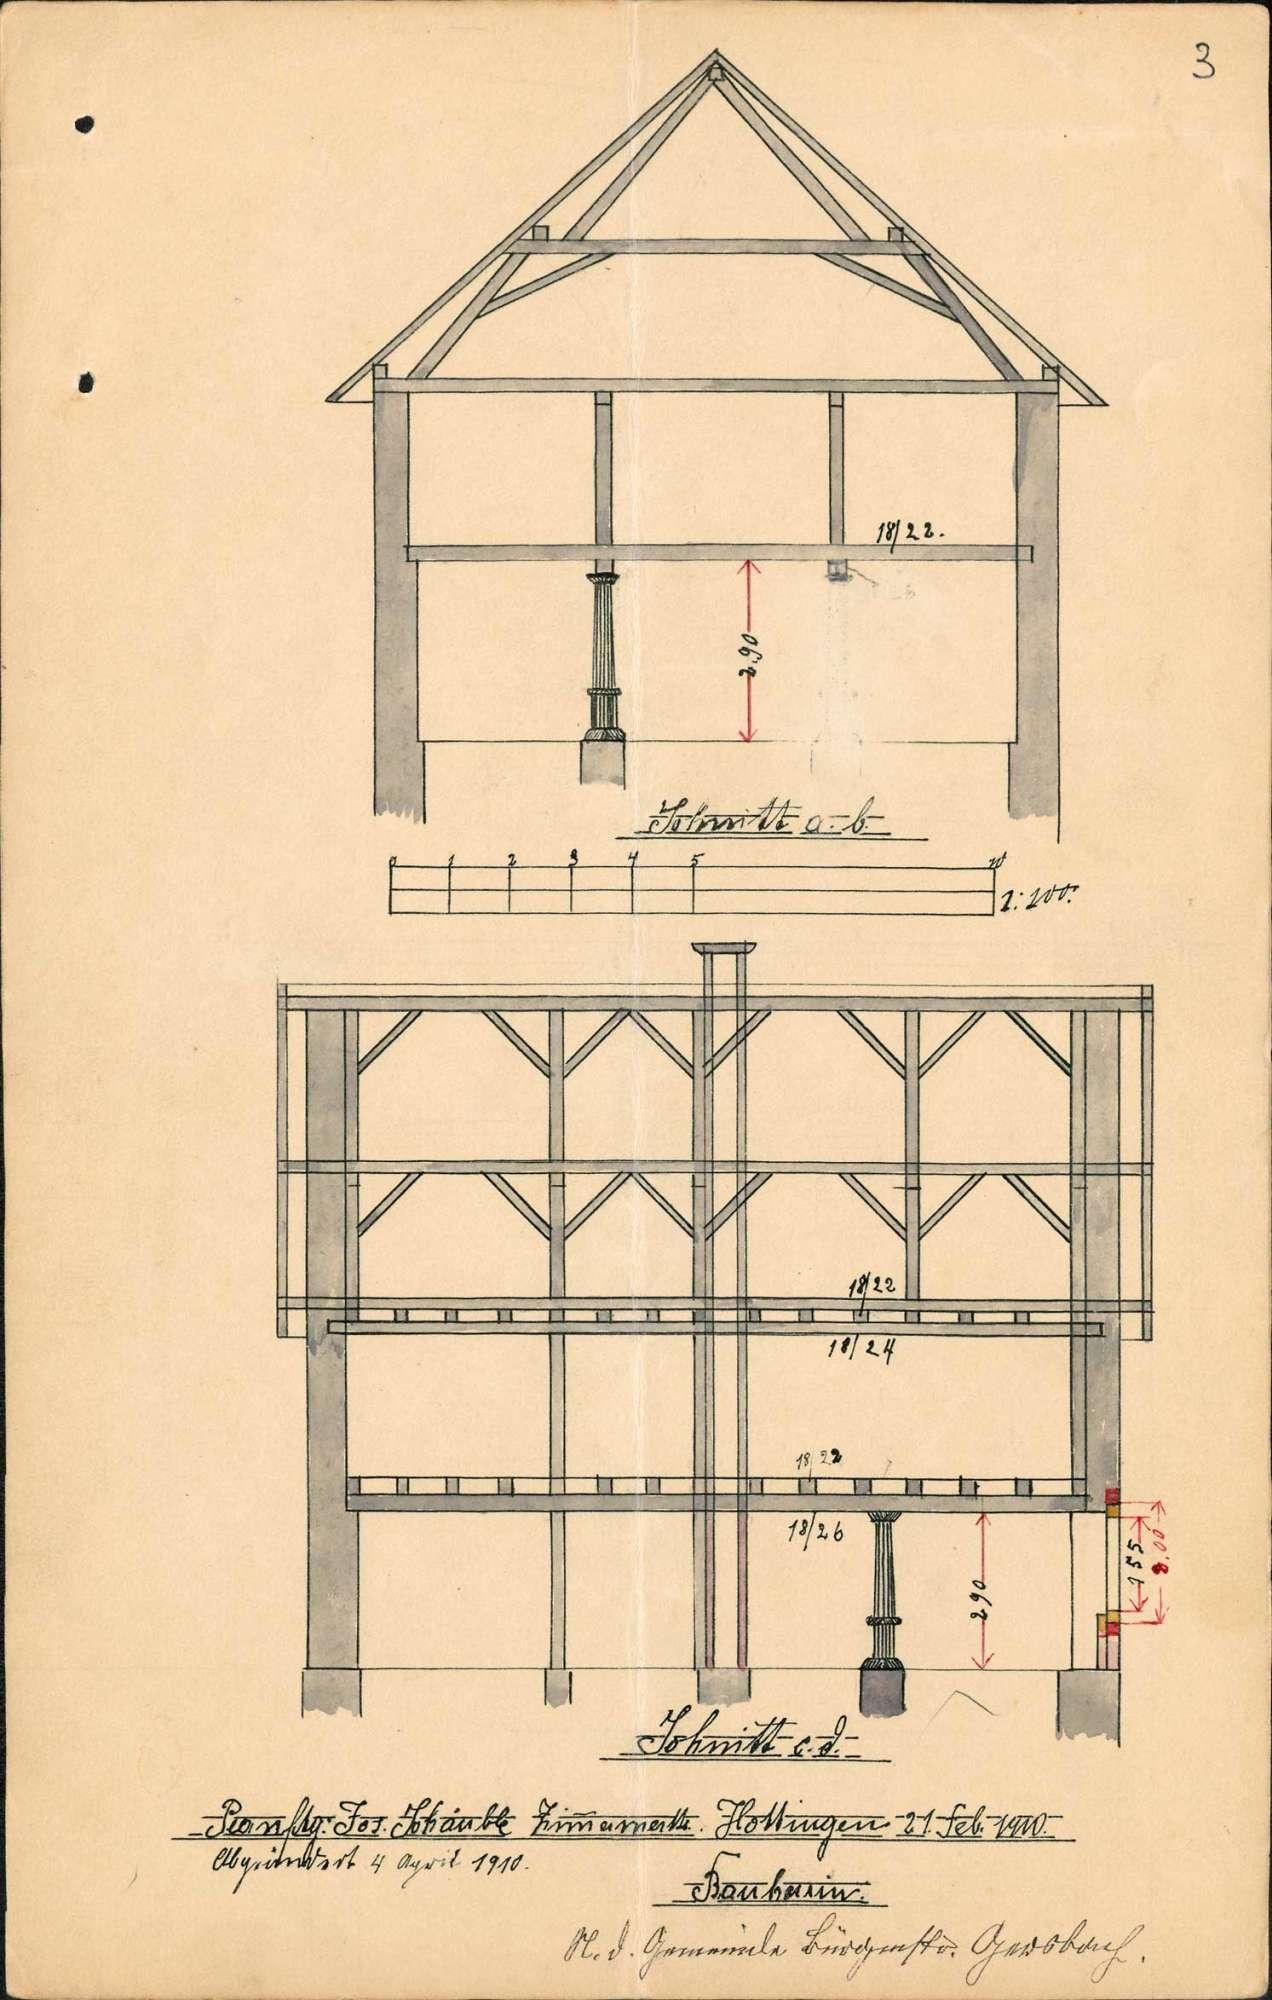 Bau und Unterhaltung des Schulhauses der Gemeinde Hottingen, Bild 3